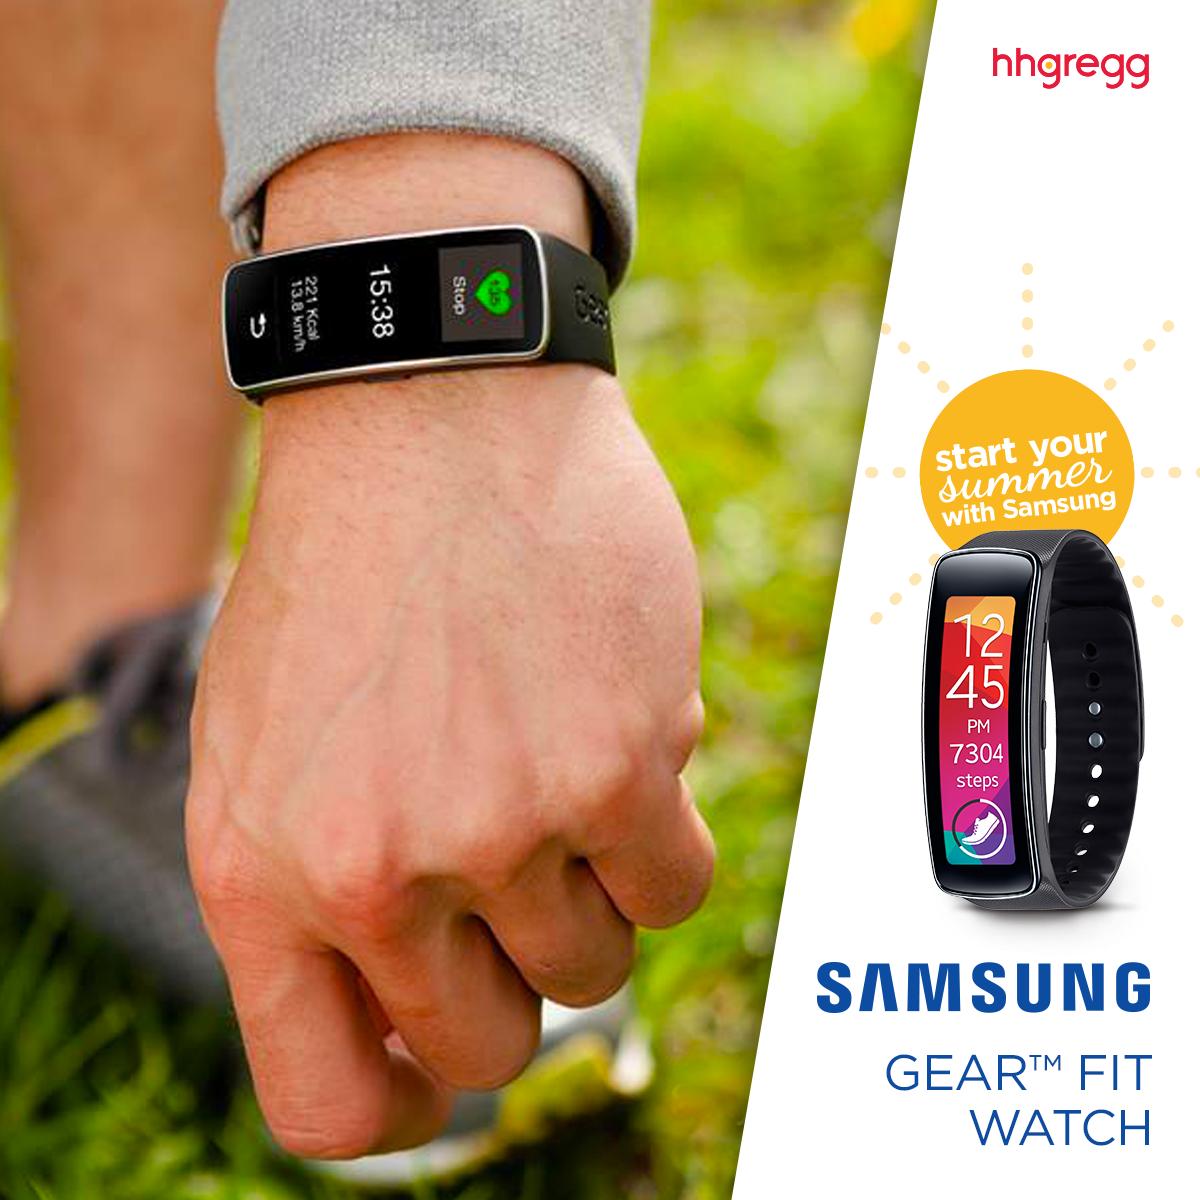 HHG_Samsung_GearFitWatch